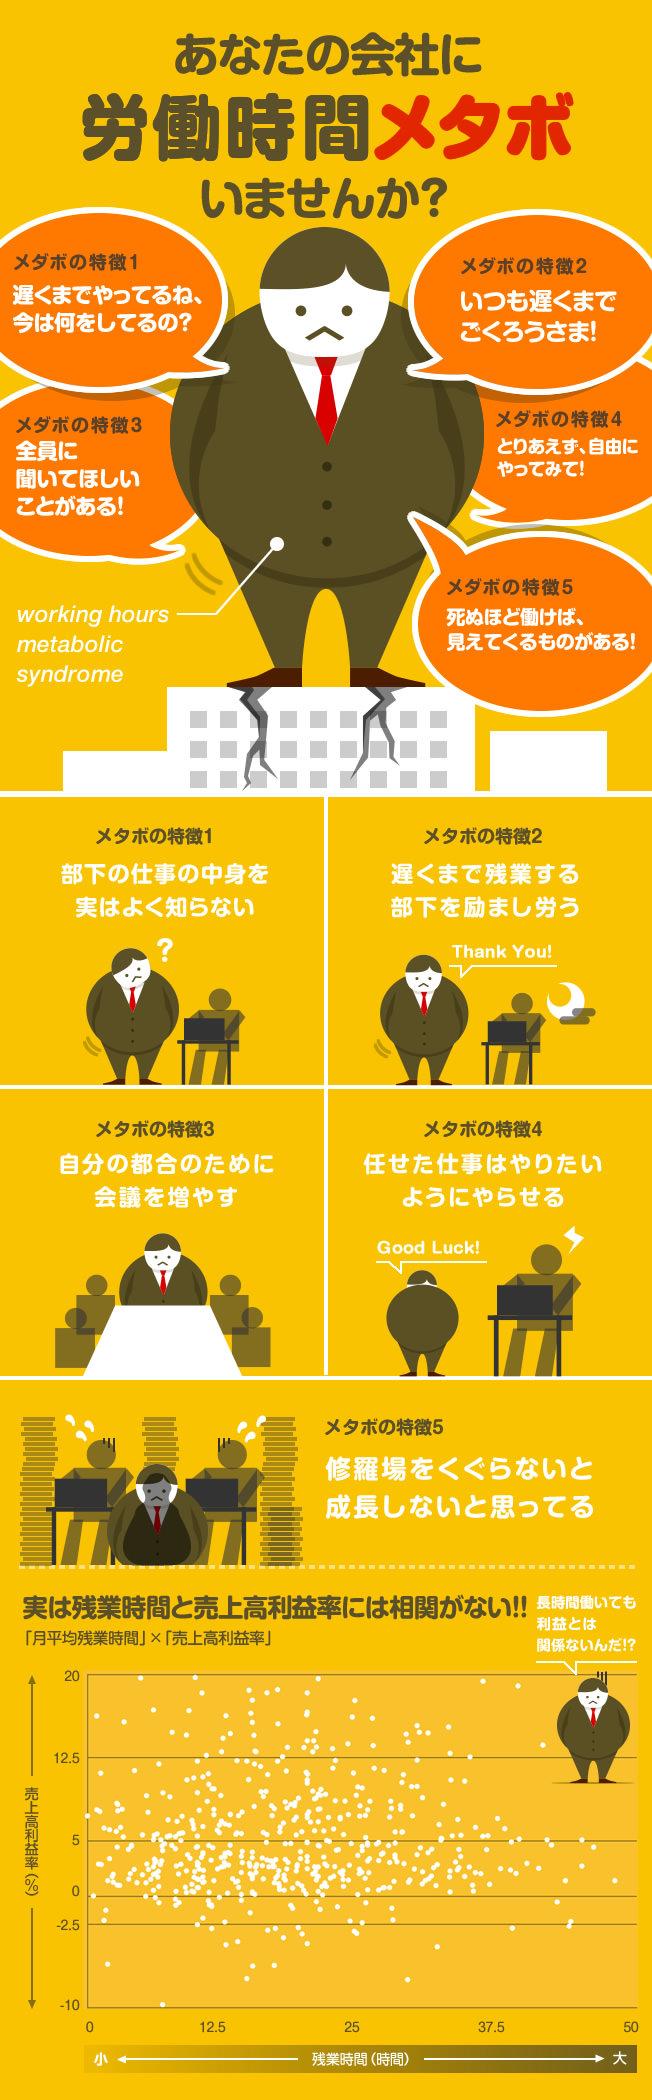 インフォグラフィック:長時間労働の原因とブラック企業の特徴。世界一働きやすい国はオランダ